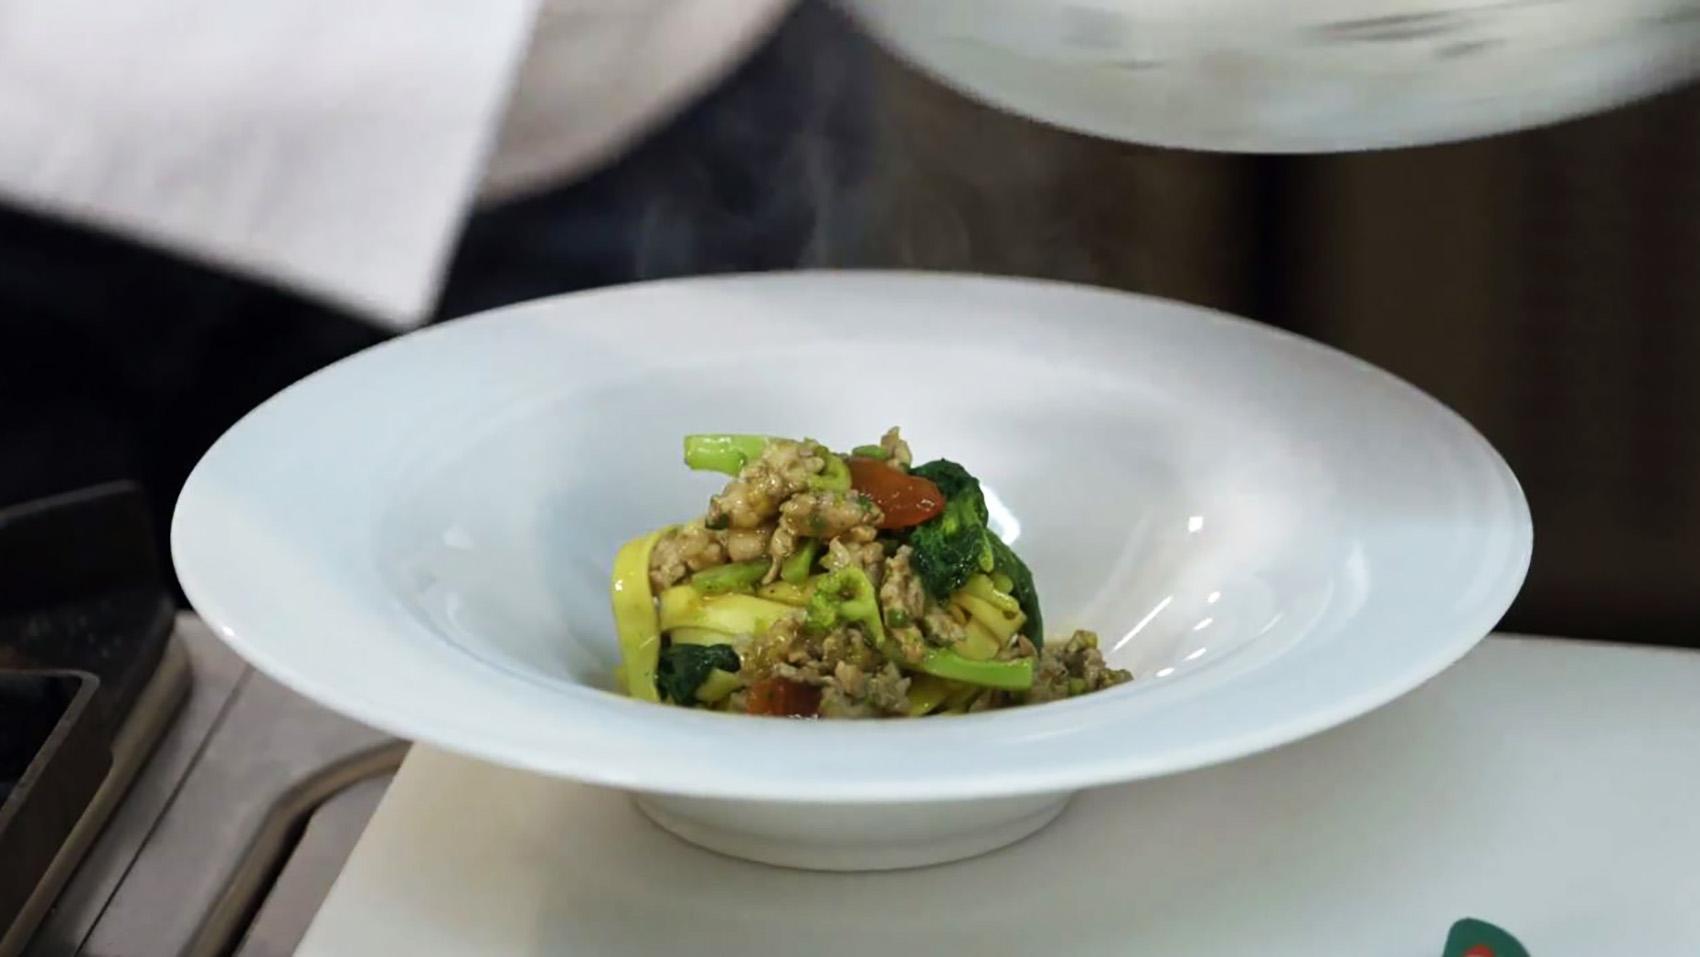 Cucine da incubo italia le ricette di chef cannavacciuolo tagliatelle broccoli e salsiccia dplay - Ricette cucine da incubo ...